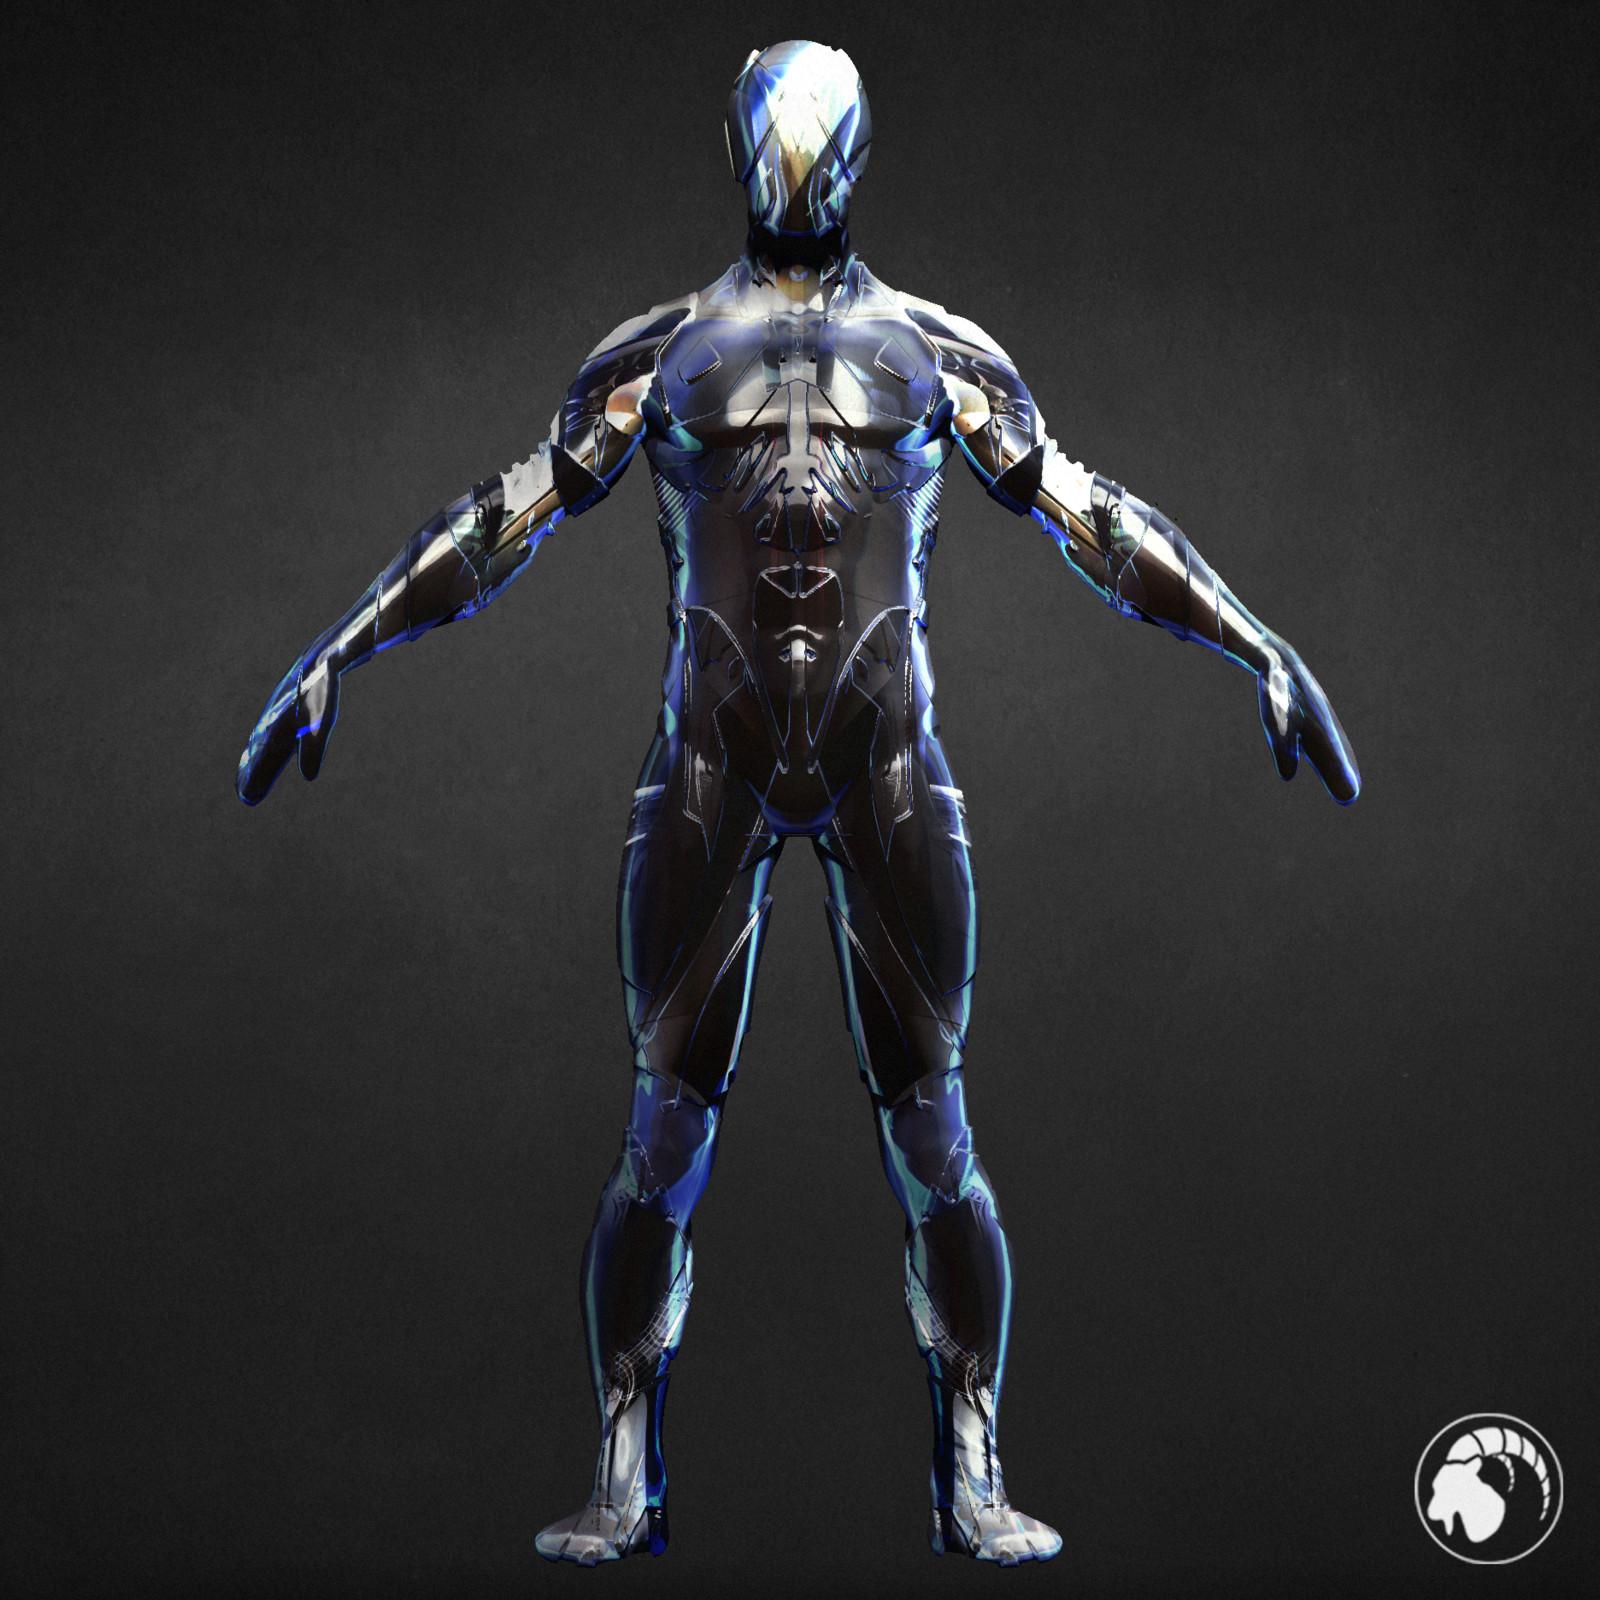 Space suit concept #2